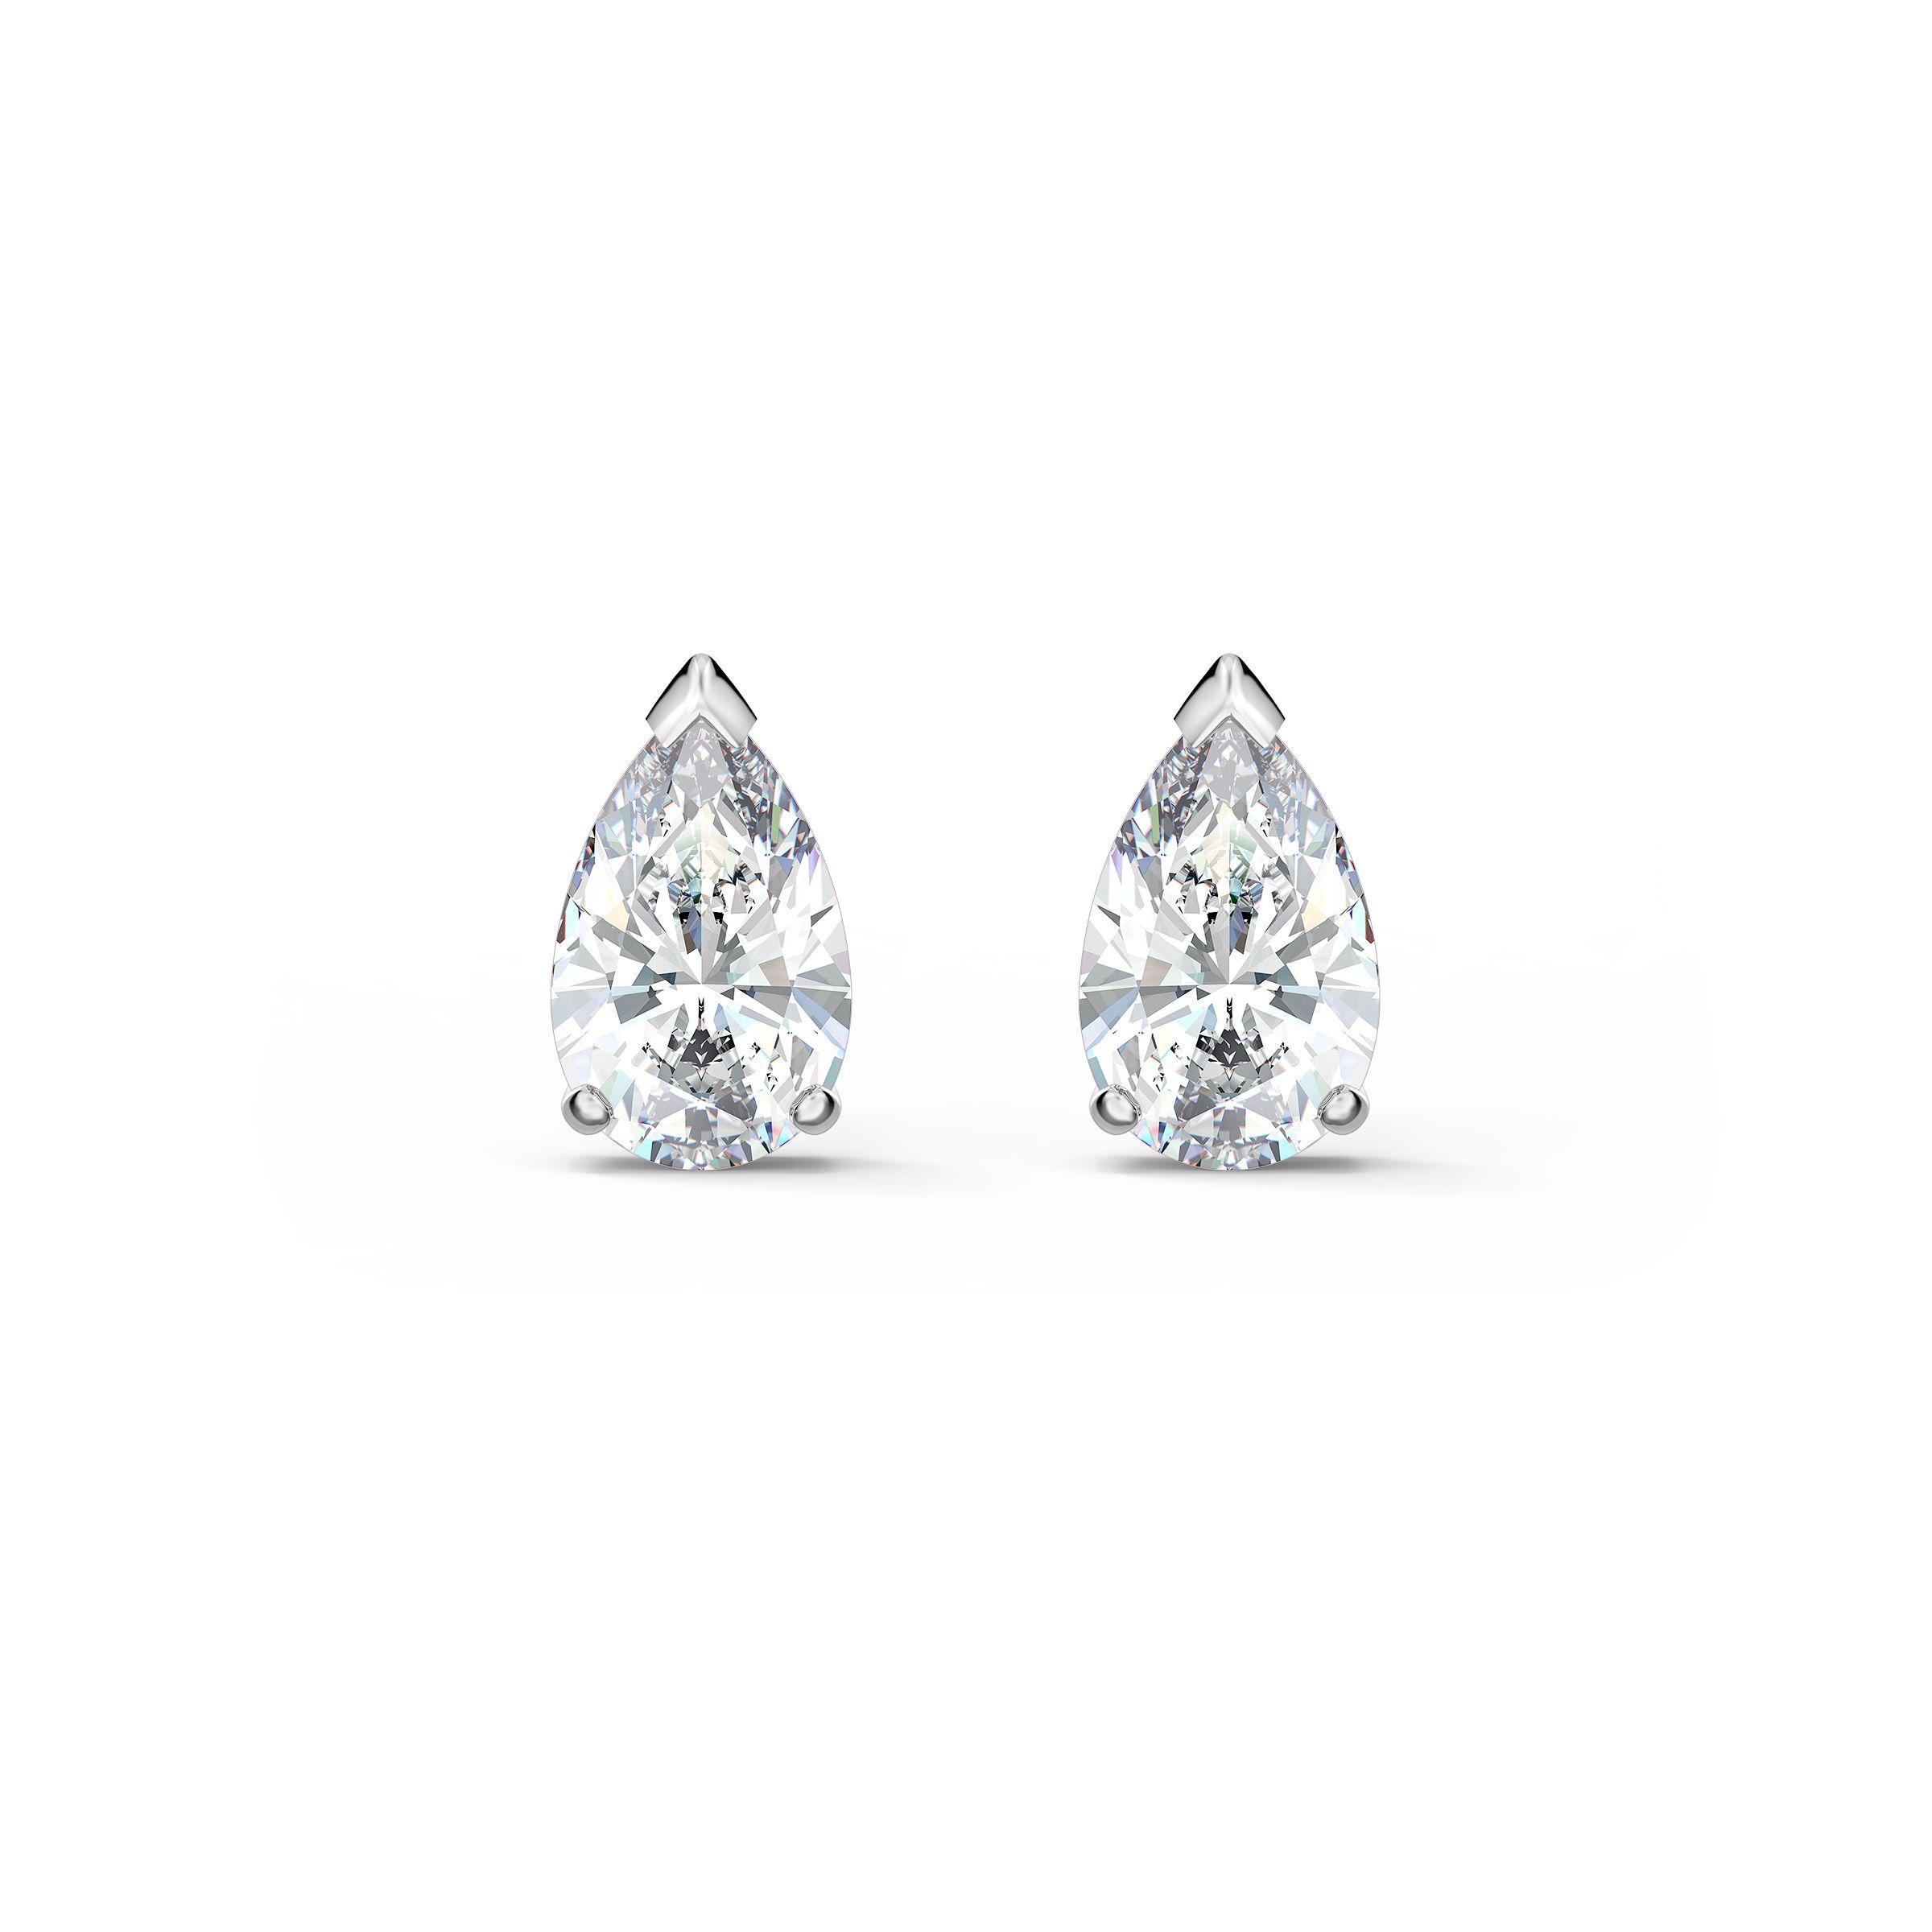 Boucles d'oreilles clous Attract Pear, blanc, métal rhodié, Swarovski